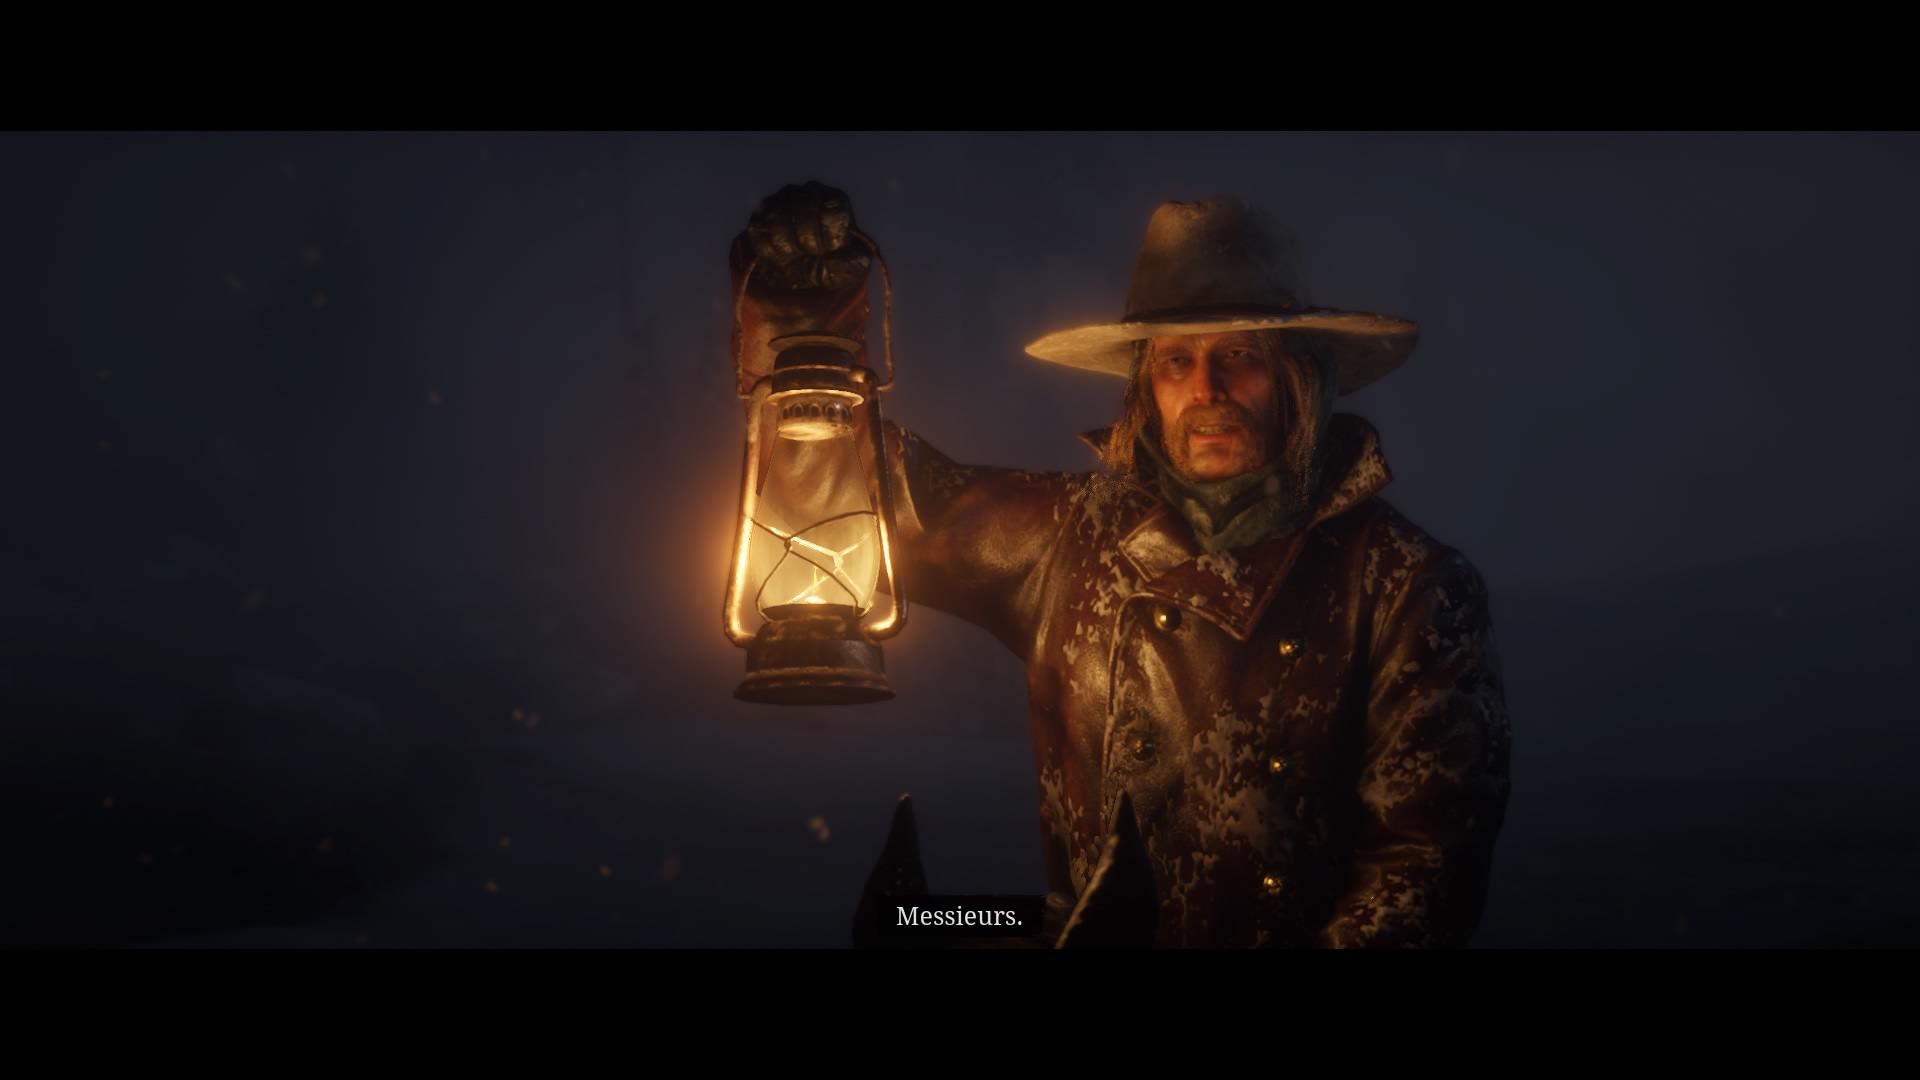 Micah nous guide